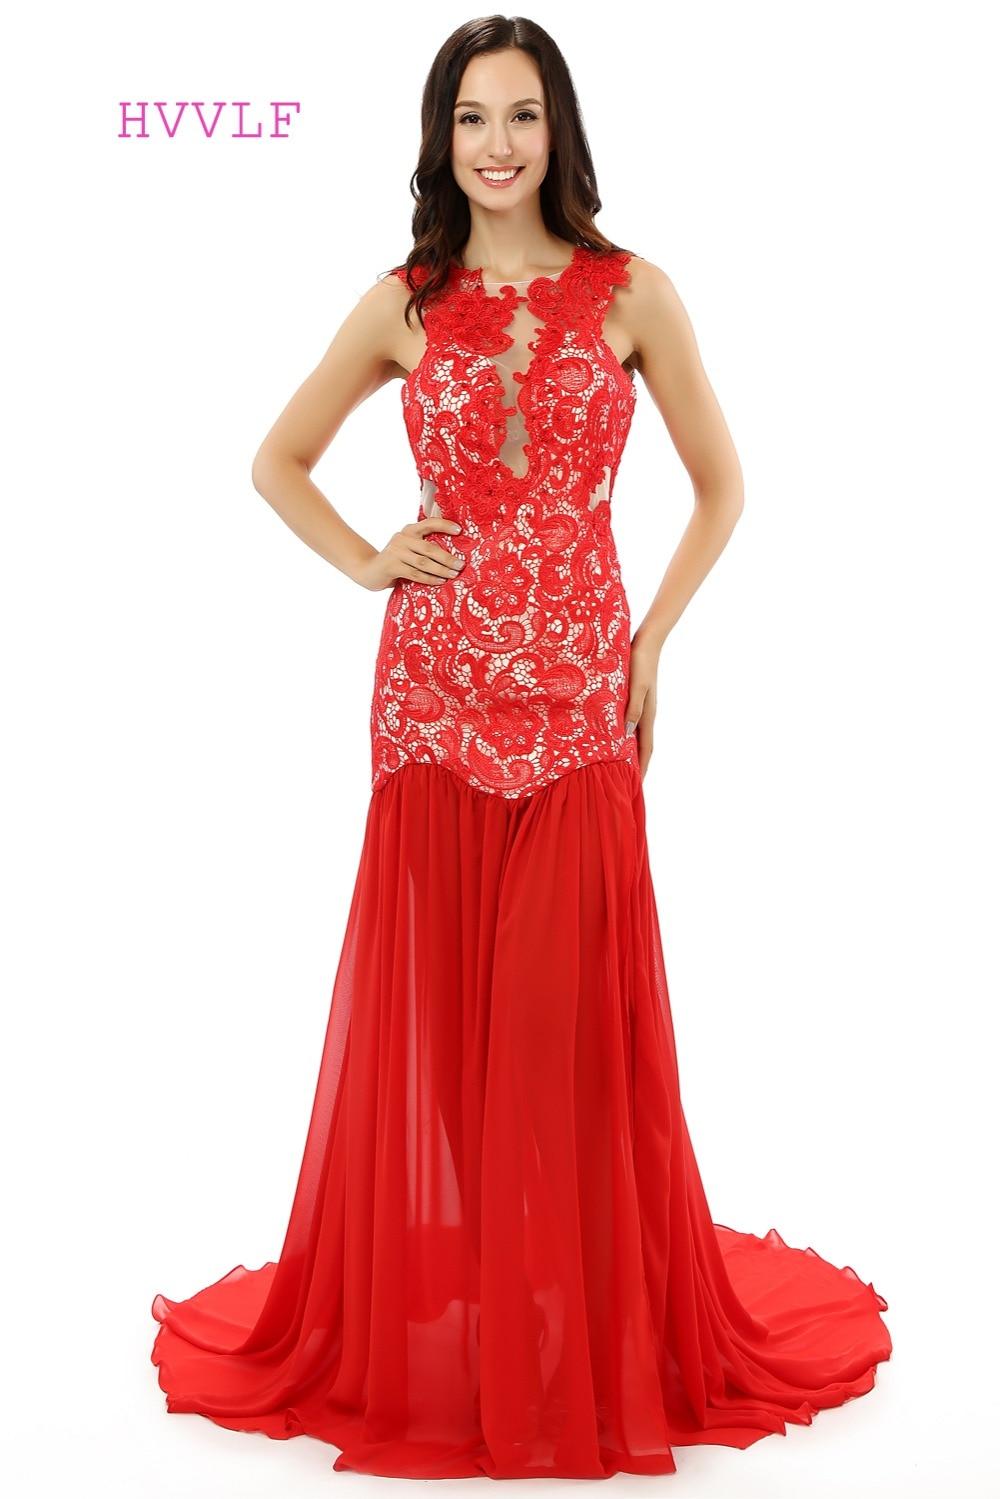 HVVLF 2019 robes de bal sirène bleu Royal rouge fente voir à travers la dentelle robe de bal robes de soirée robe de soirée